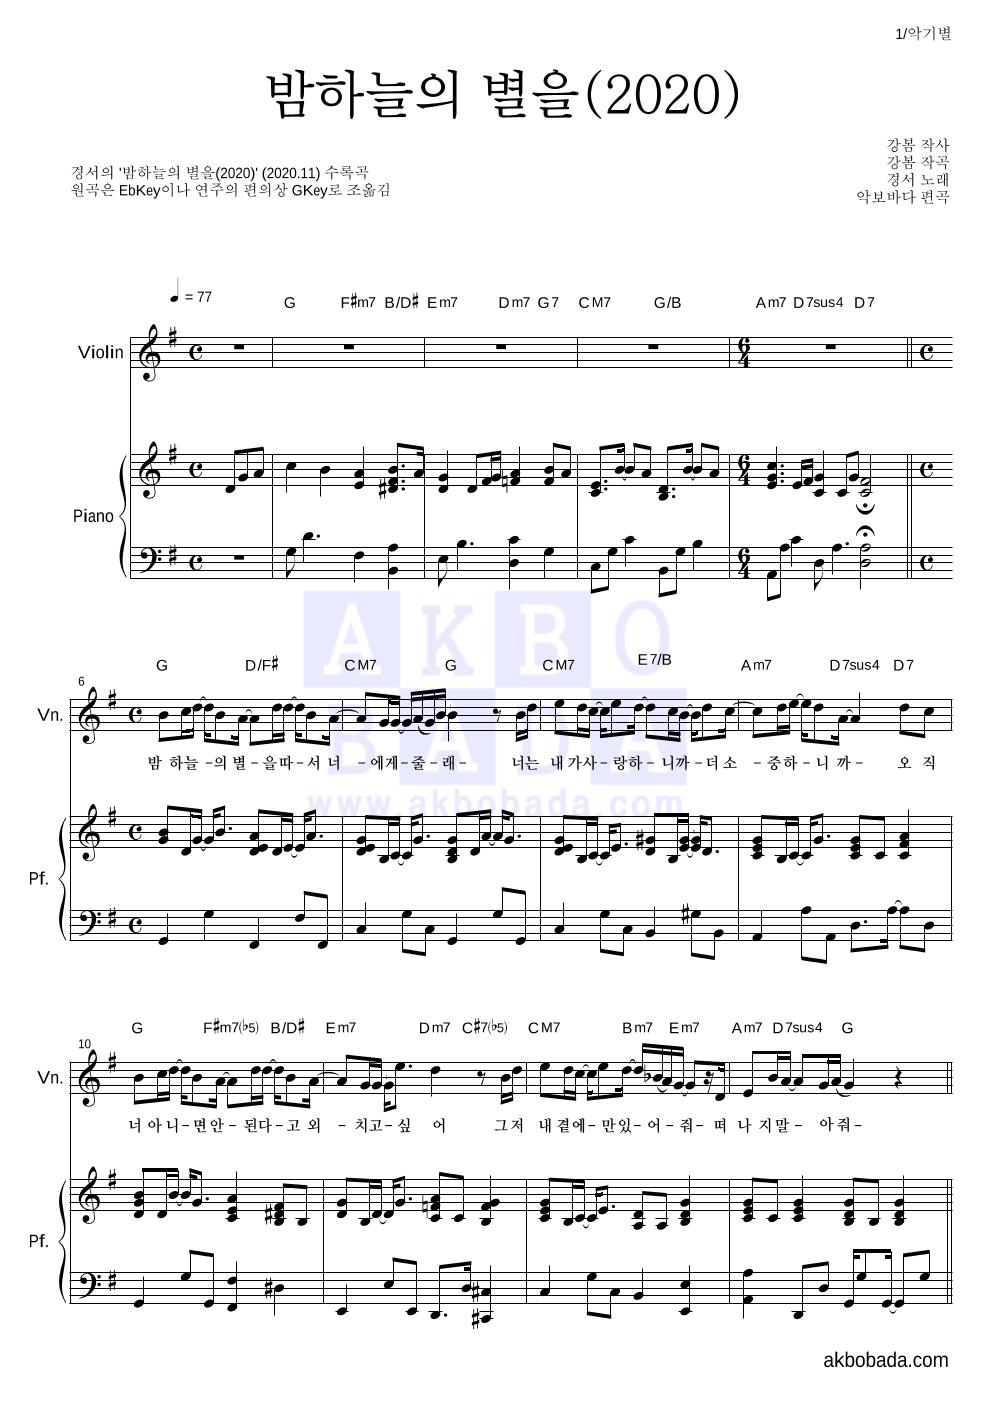 경서 - 밤하늘의 별을(2020) 바이올린&피아노 악보